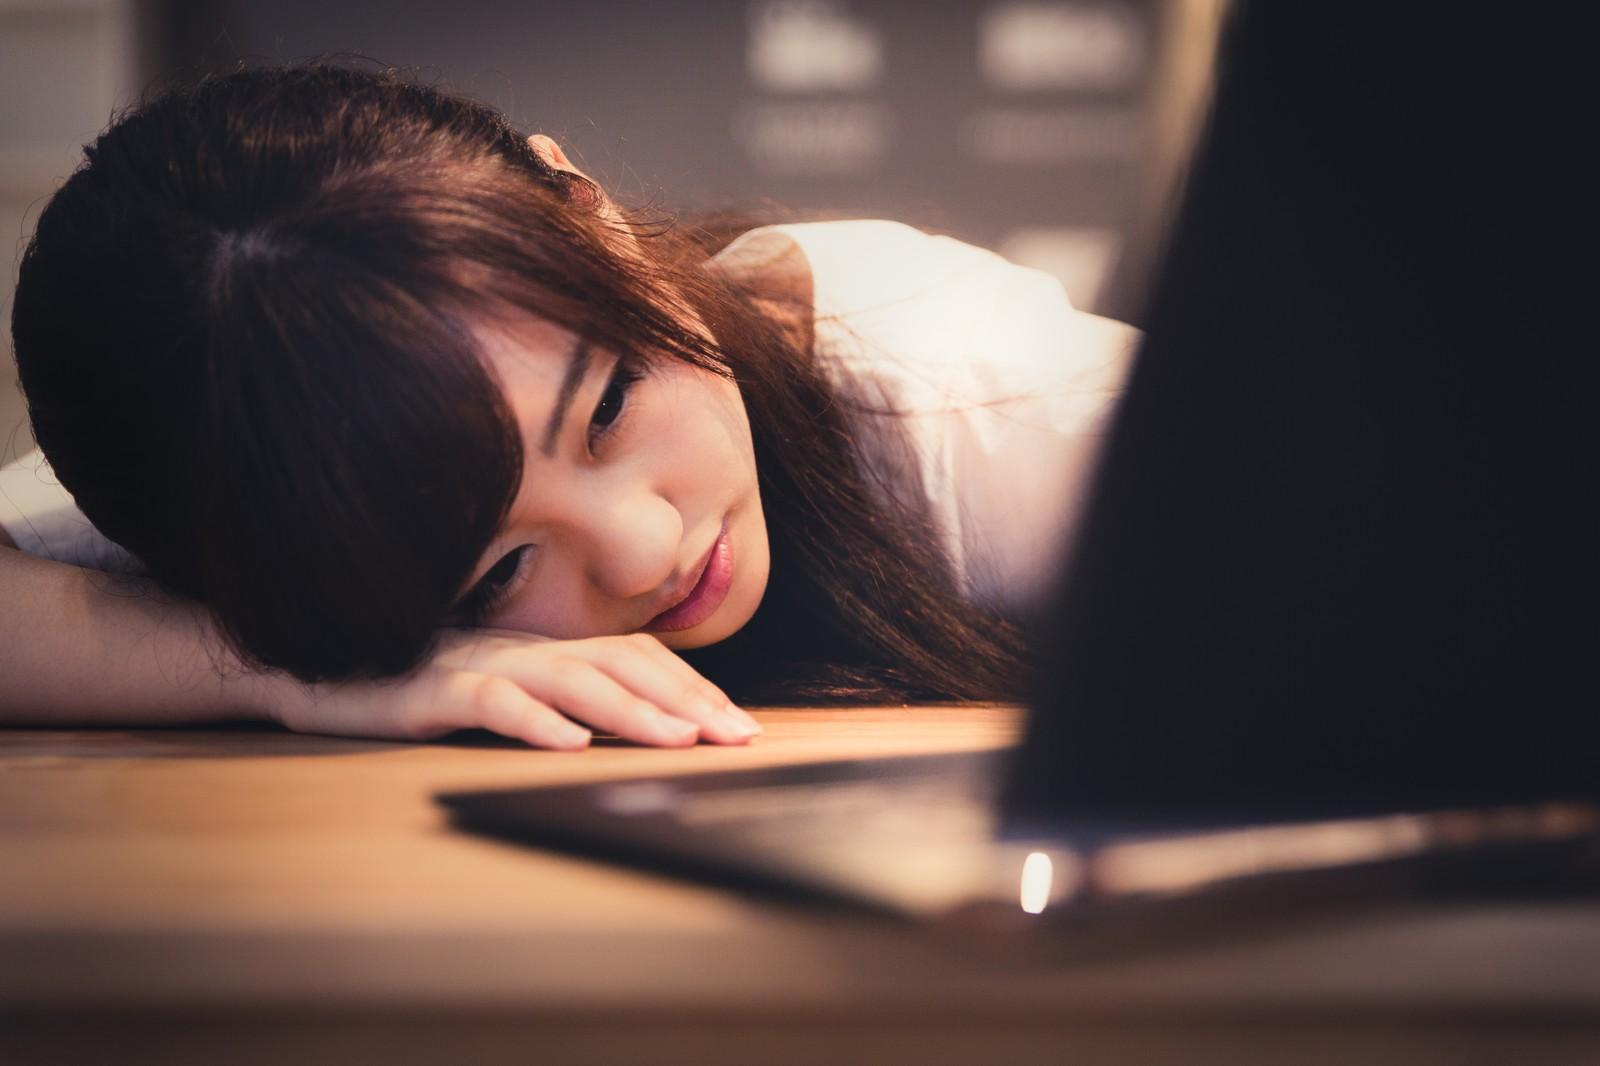 睡眠が不規則だと成績が低下する!?【論文紹介】